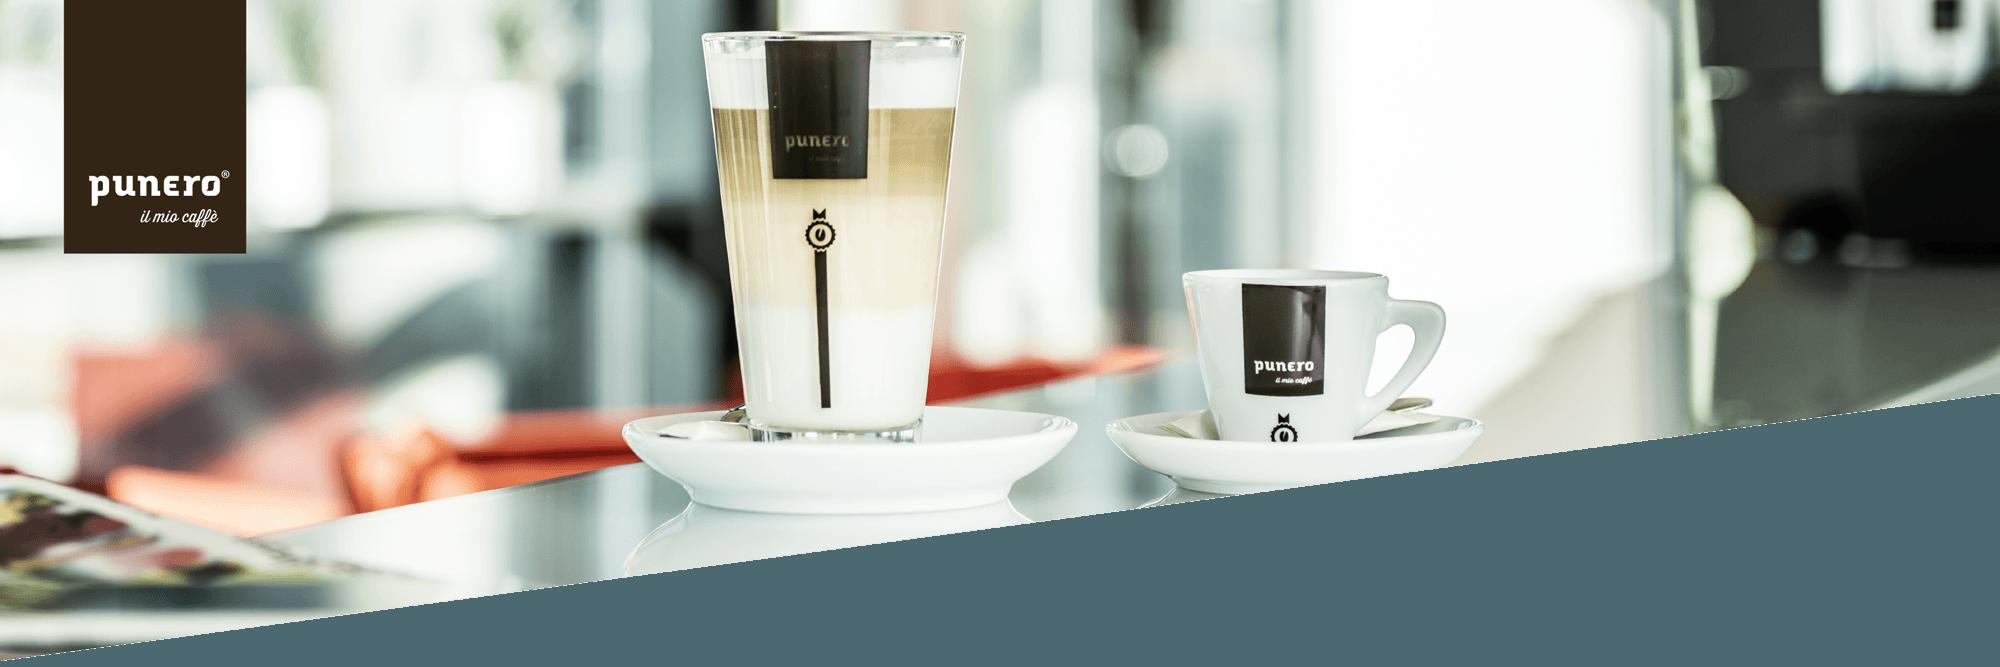 Caffè punero